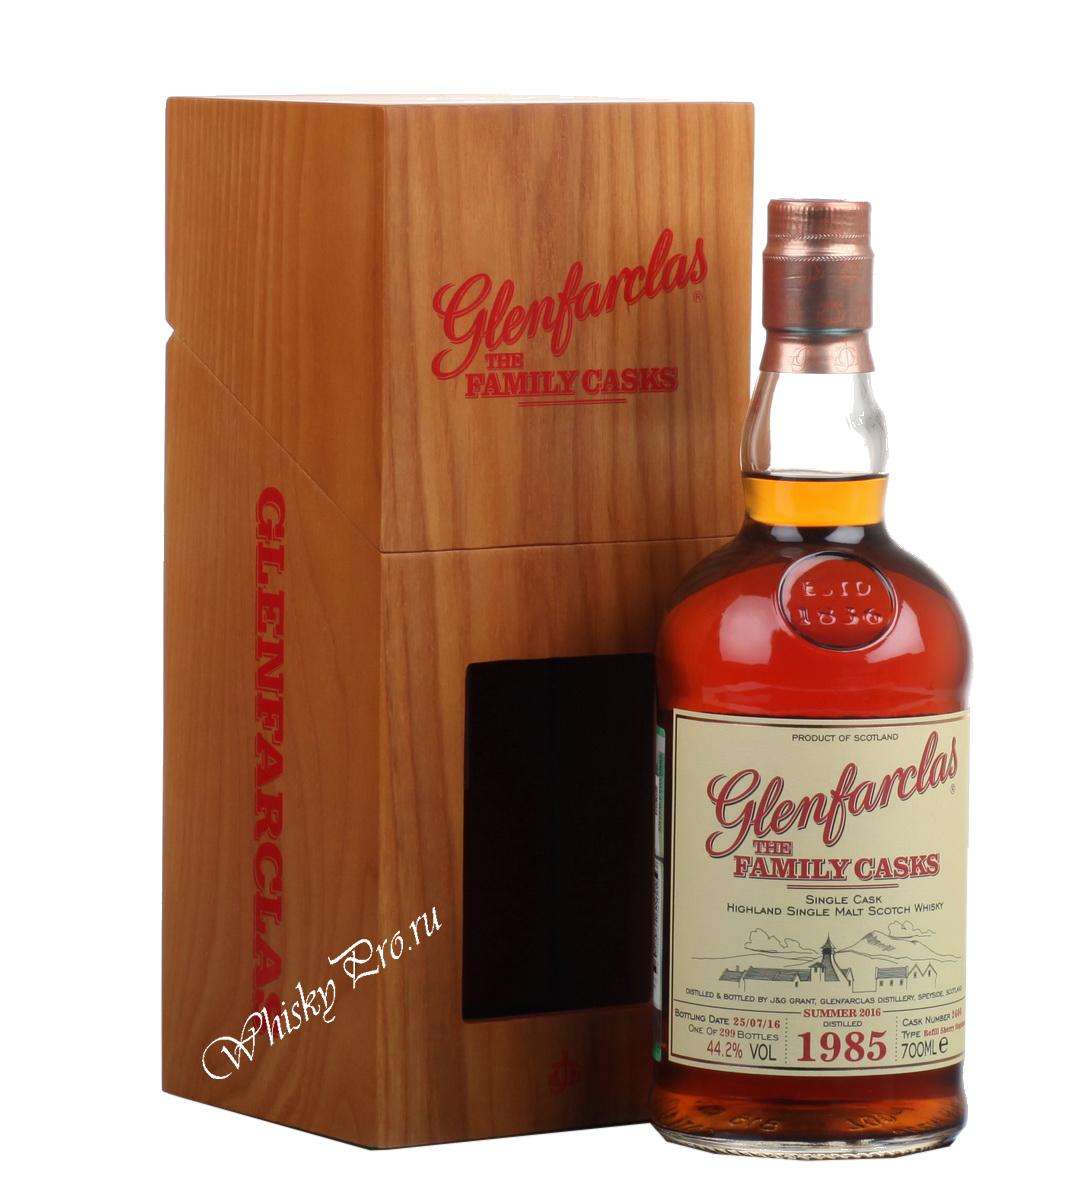 Виски Гленфарклас Фэмэли Каскс 1993 г Шотландский виски Glenfarclas Family Casks 1993